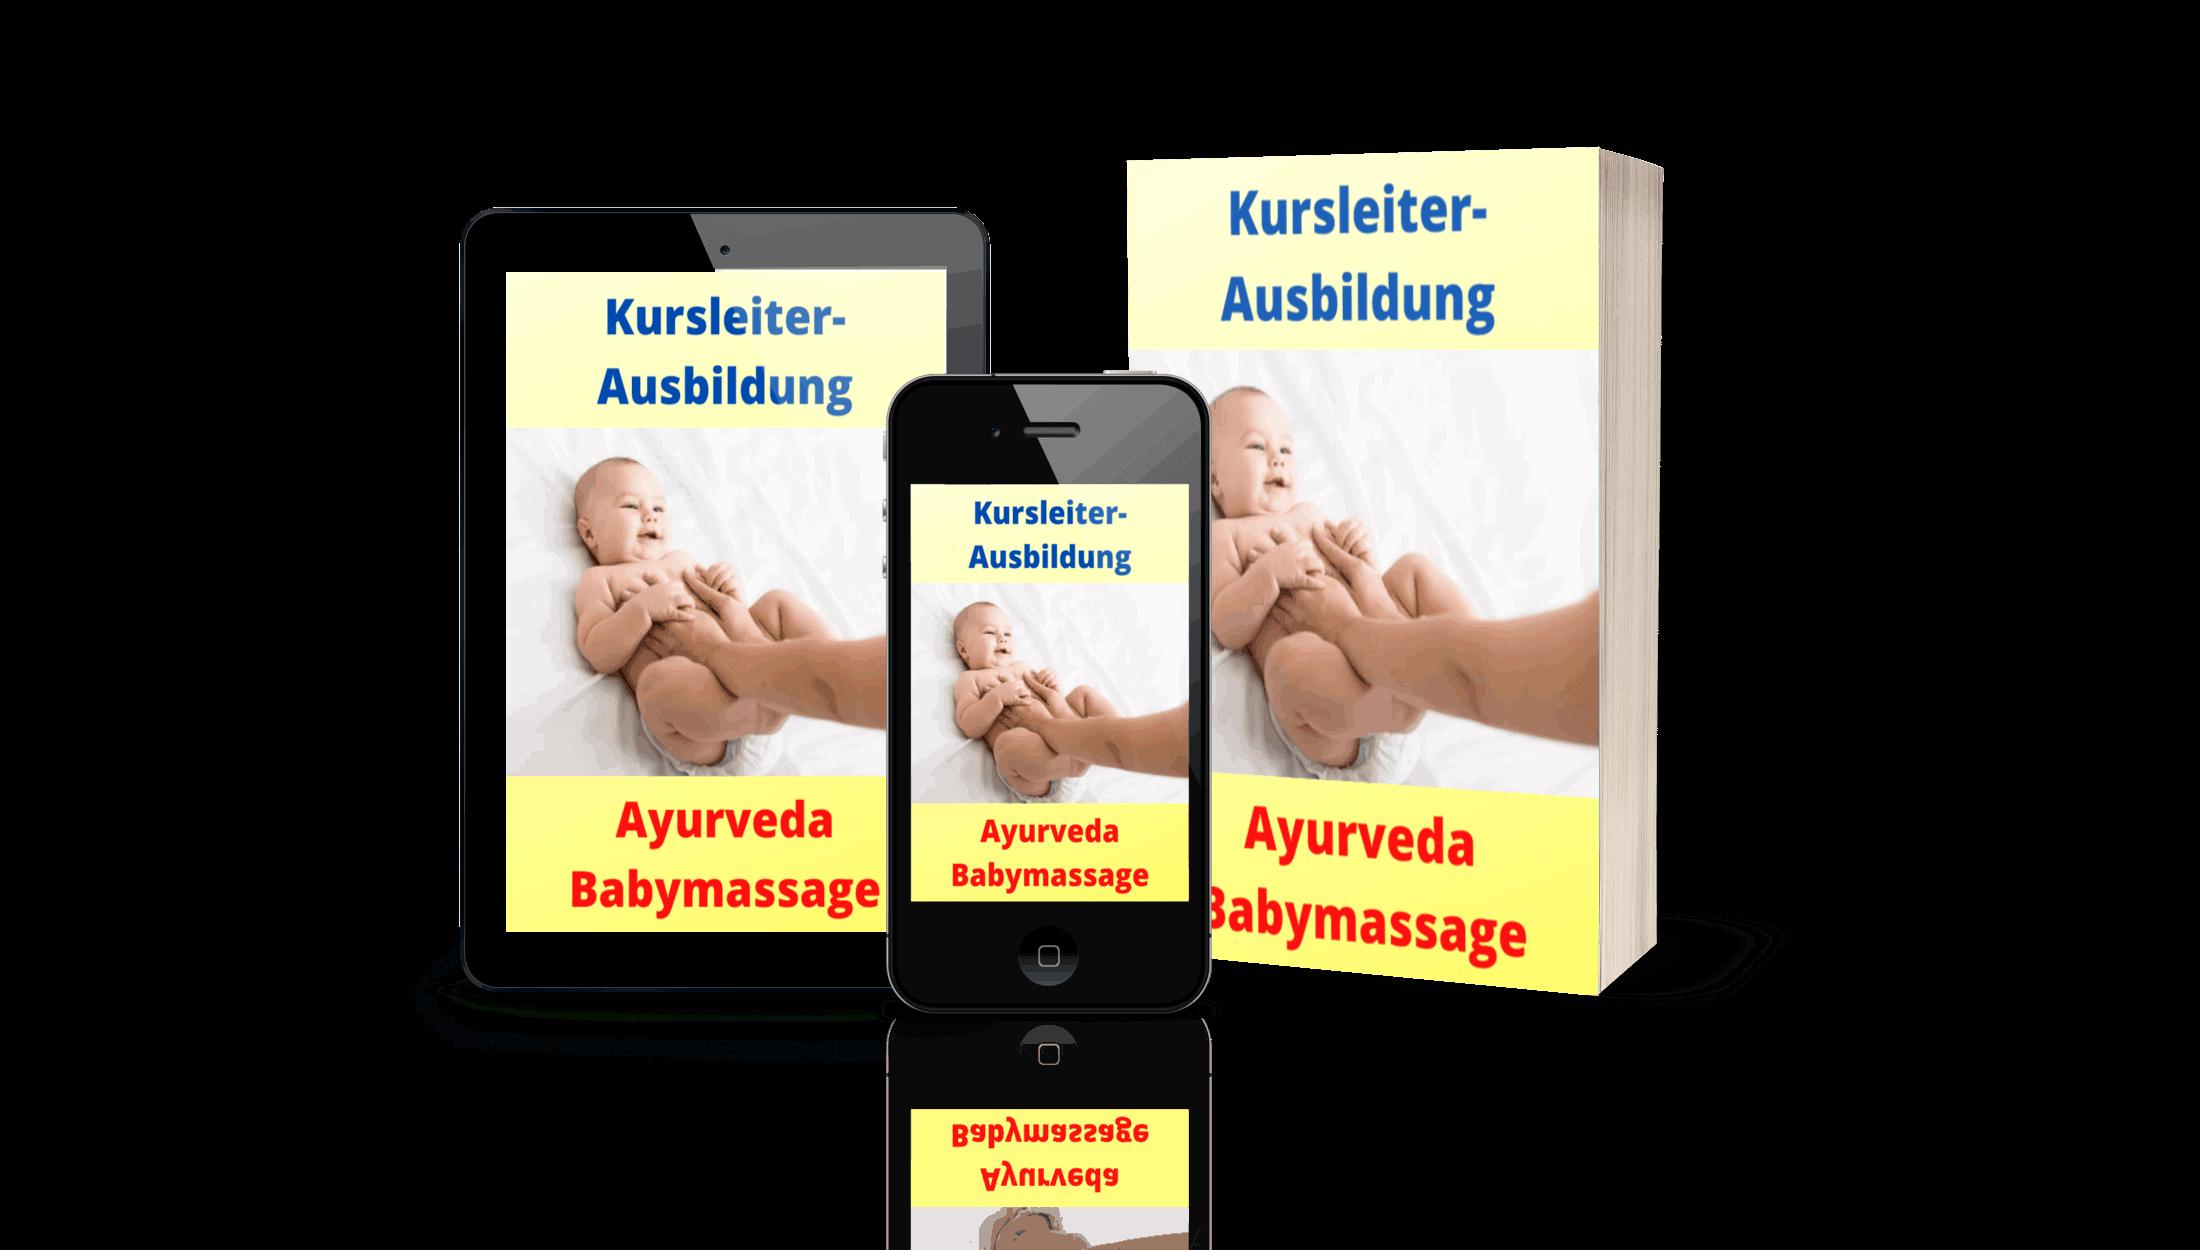 Kursleiter-Ausbildung für die ayurvedische Babymassage